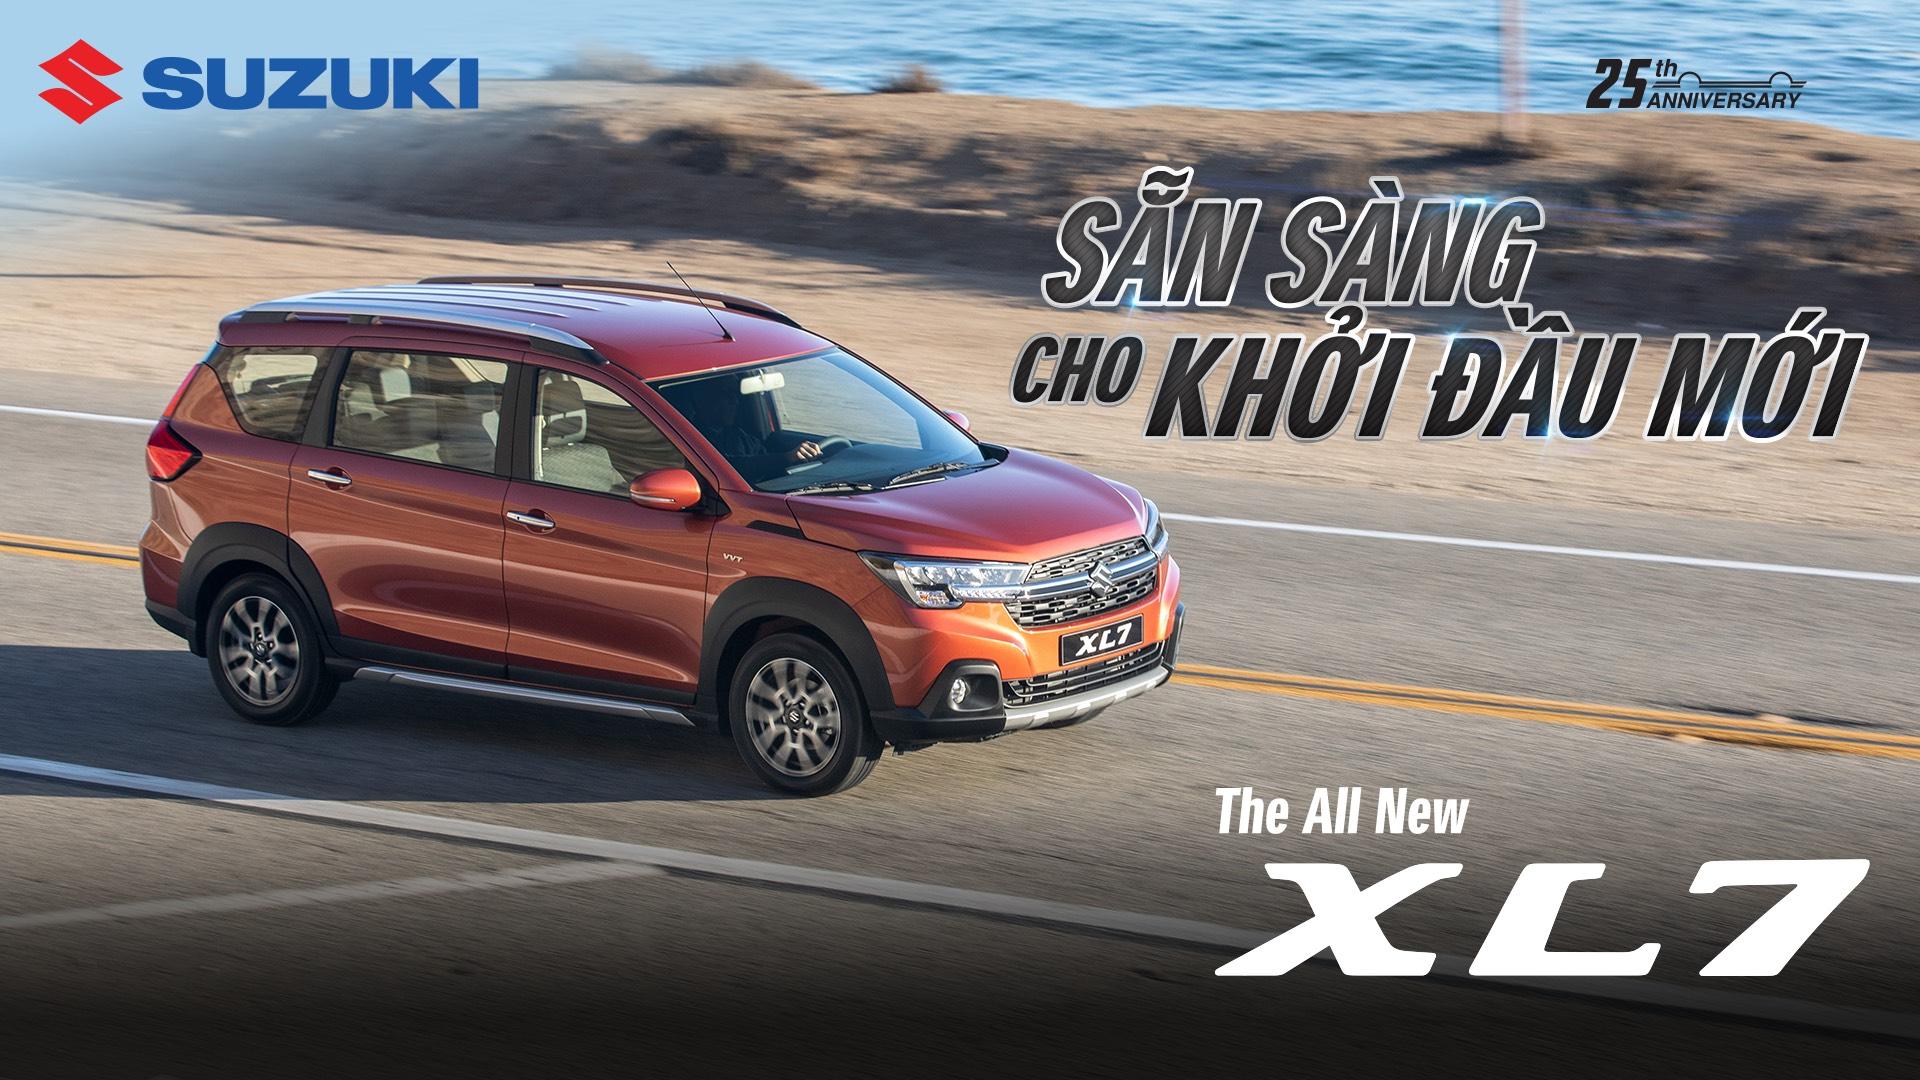 Thiết kế mạnh mẽ, thời thượng của xe ô tô Suzuki XL7